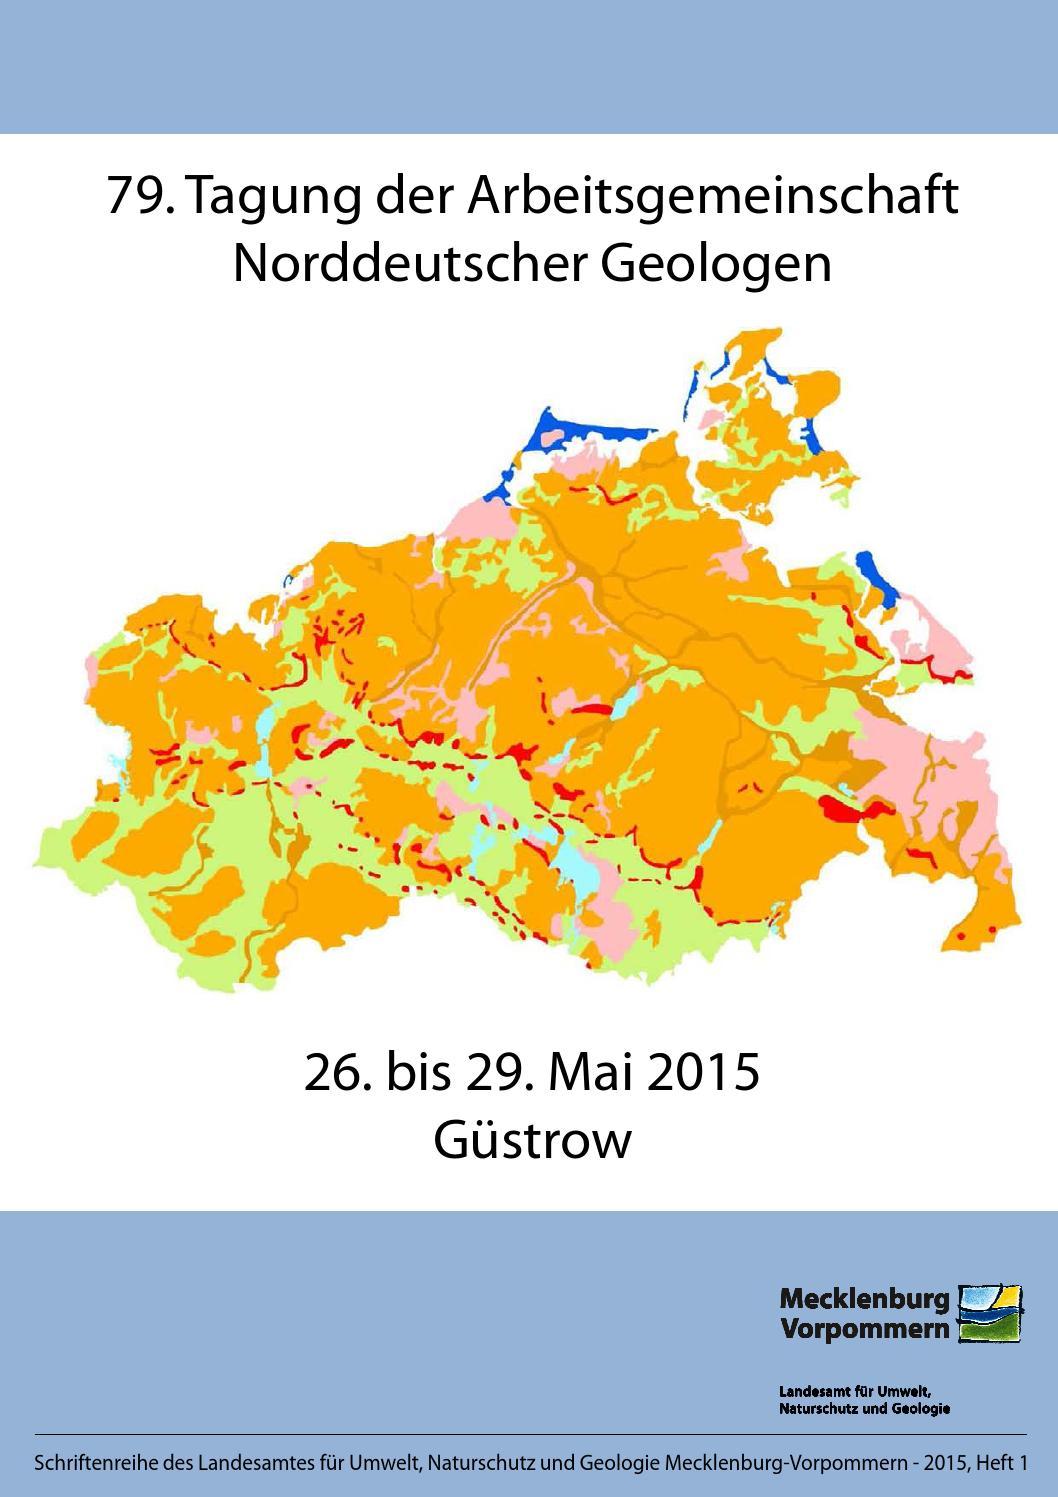 79. Tagung der Arbeitsgemeinschaft Norddeutscher Geologen by Geozon ...